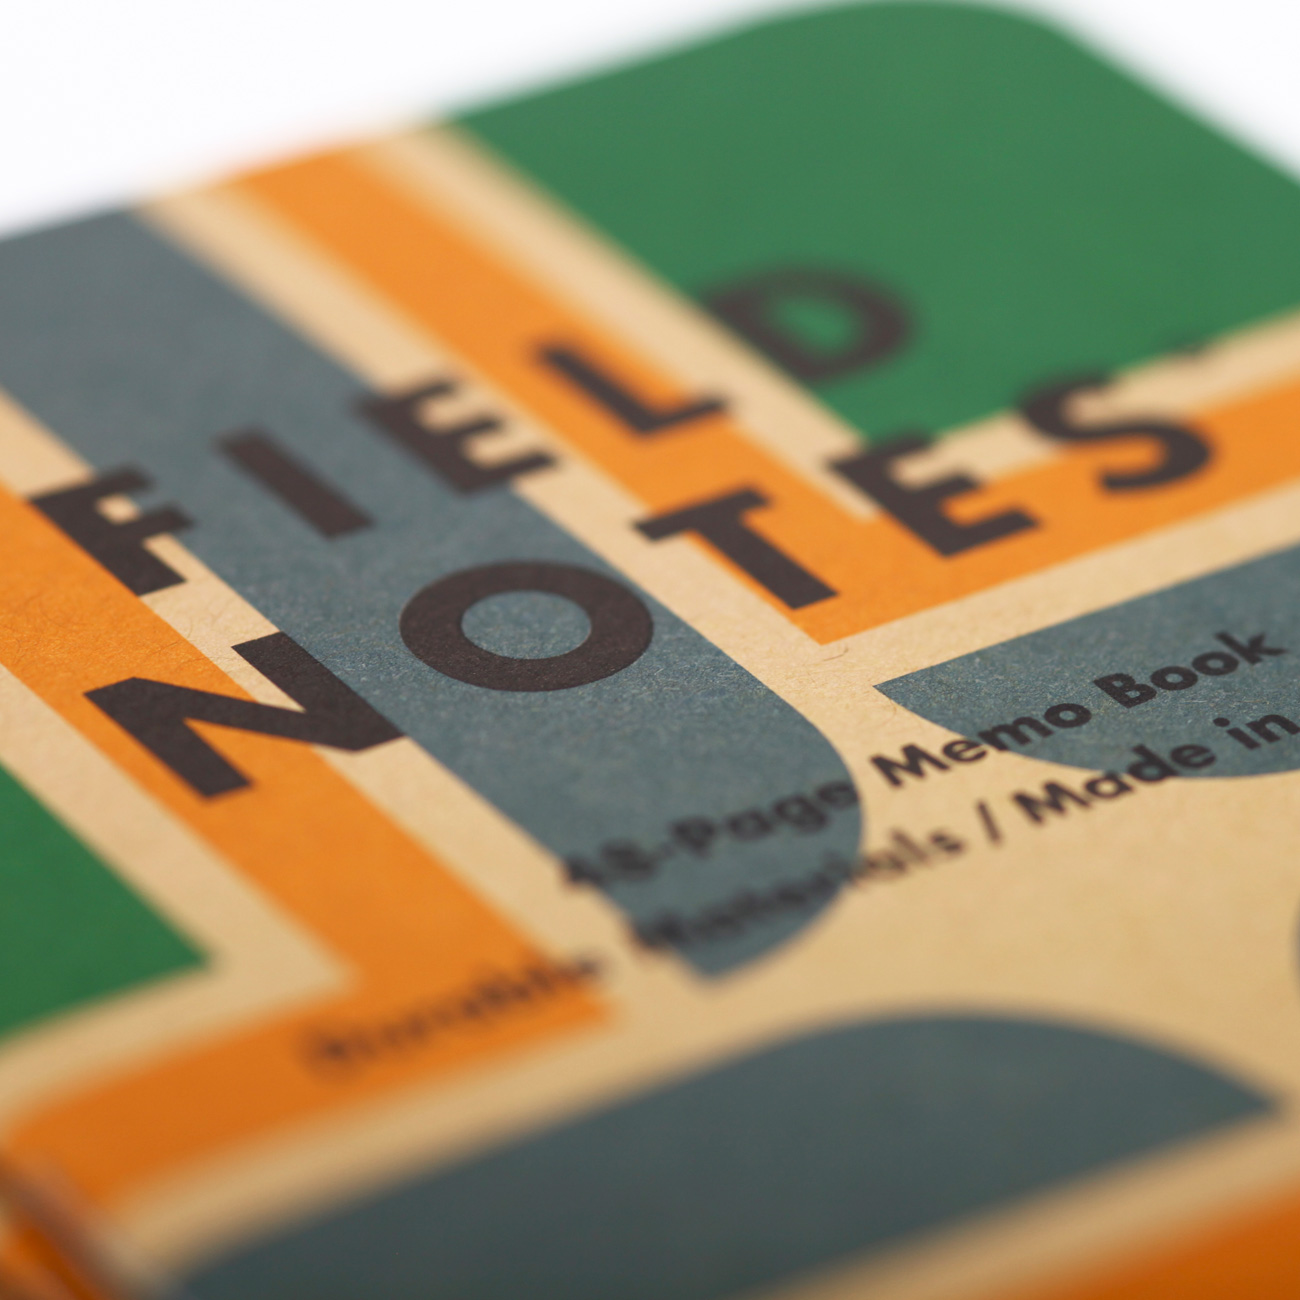 Field Notes, Portland, Notizheft, Detailansicht Cover,